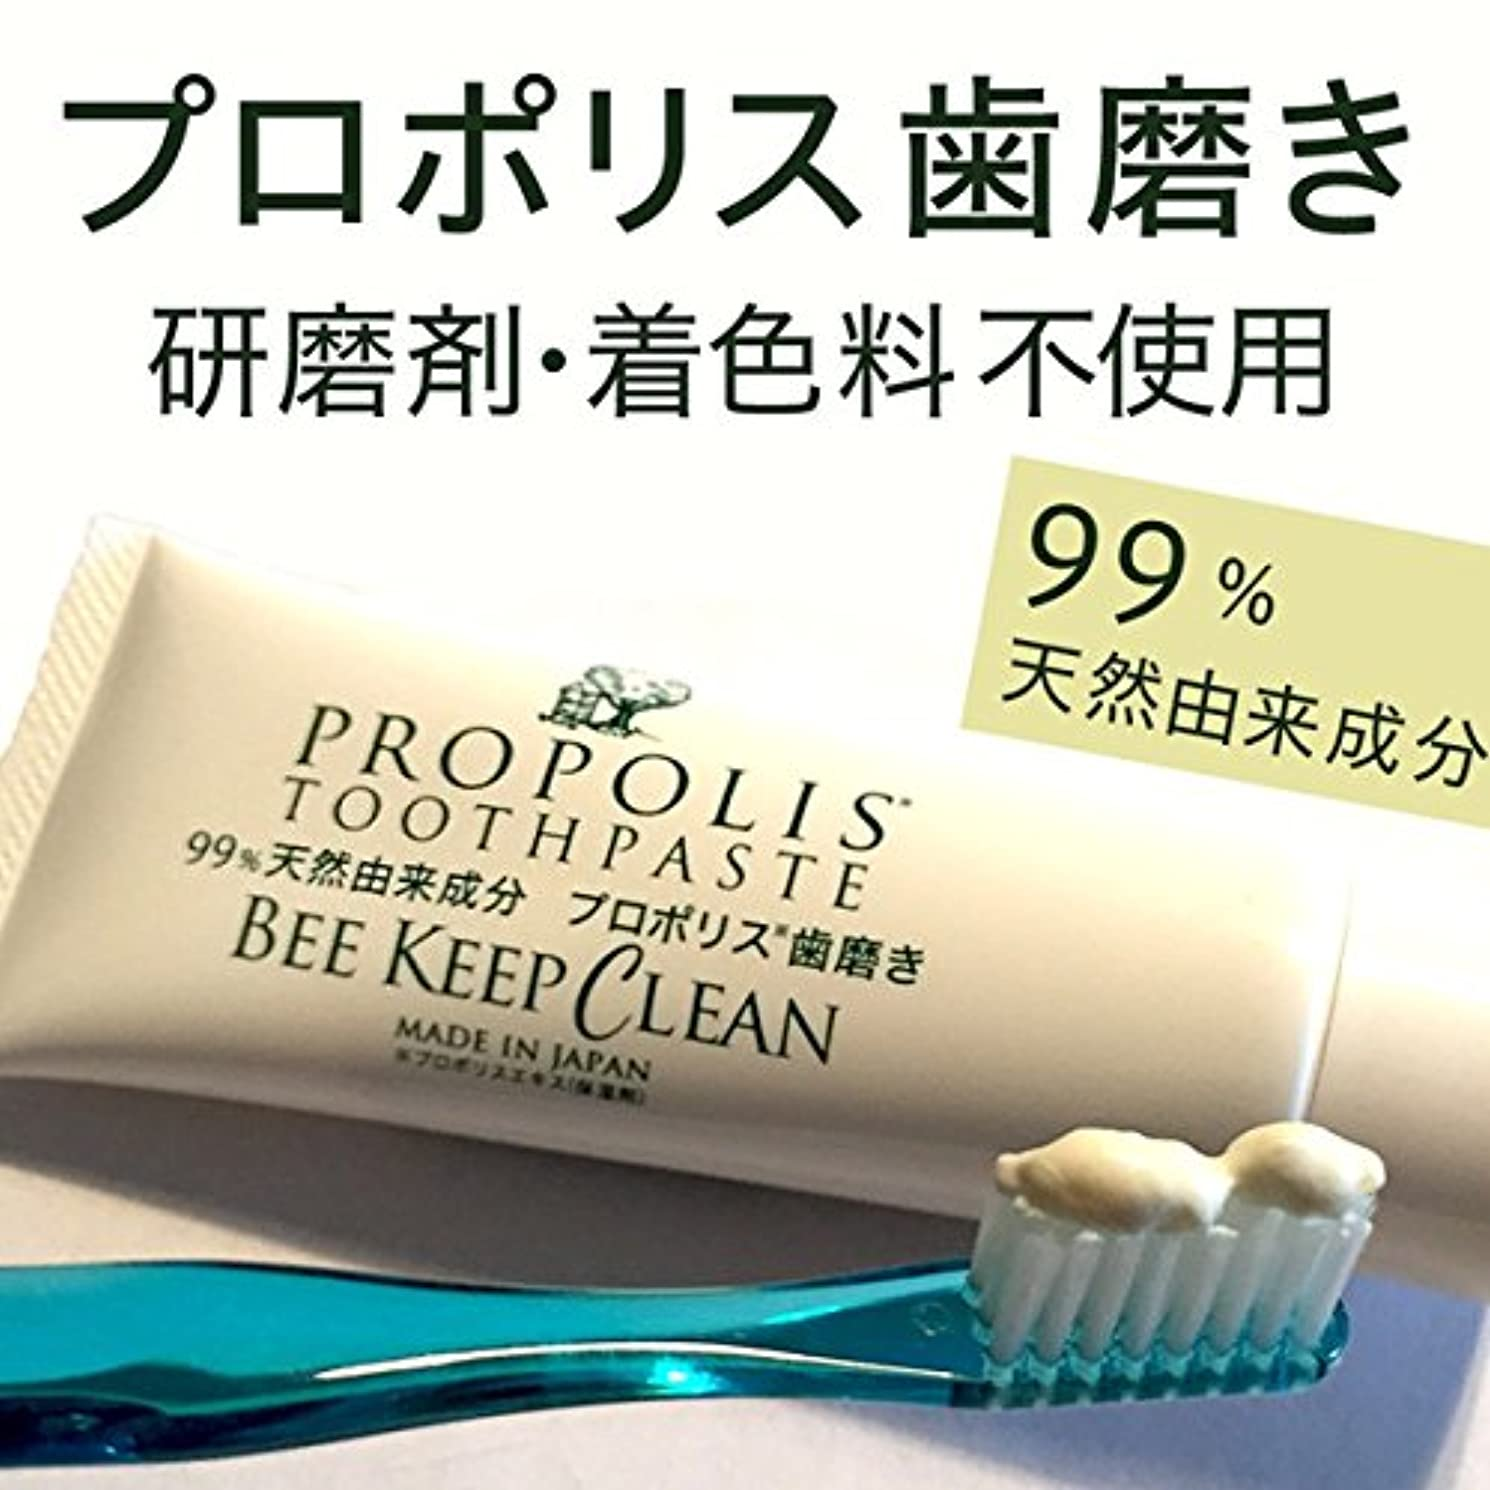 カレンダーマラドロイトエッセンスプロポリス歯磨きビーキープクリーン100g